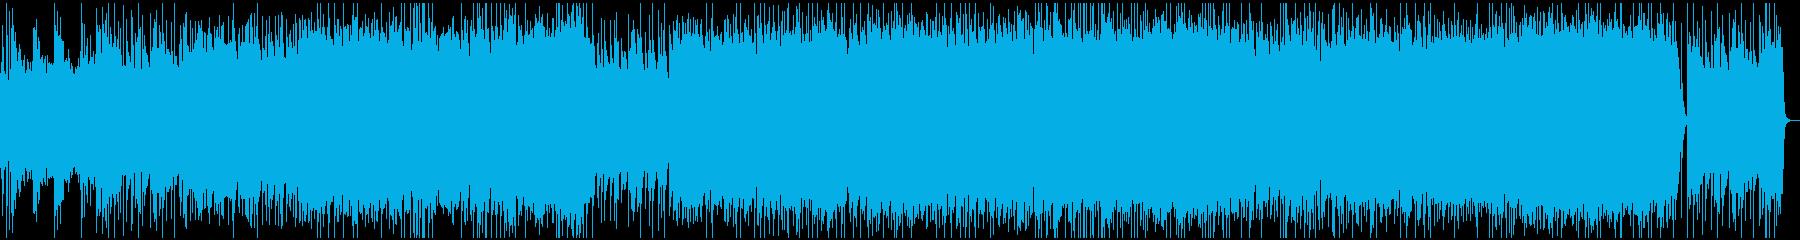 渋いグランジロック・生ギターベースの再生済みの波形